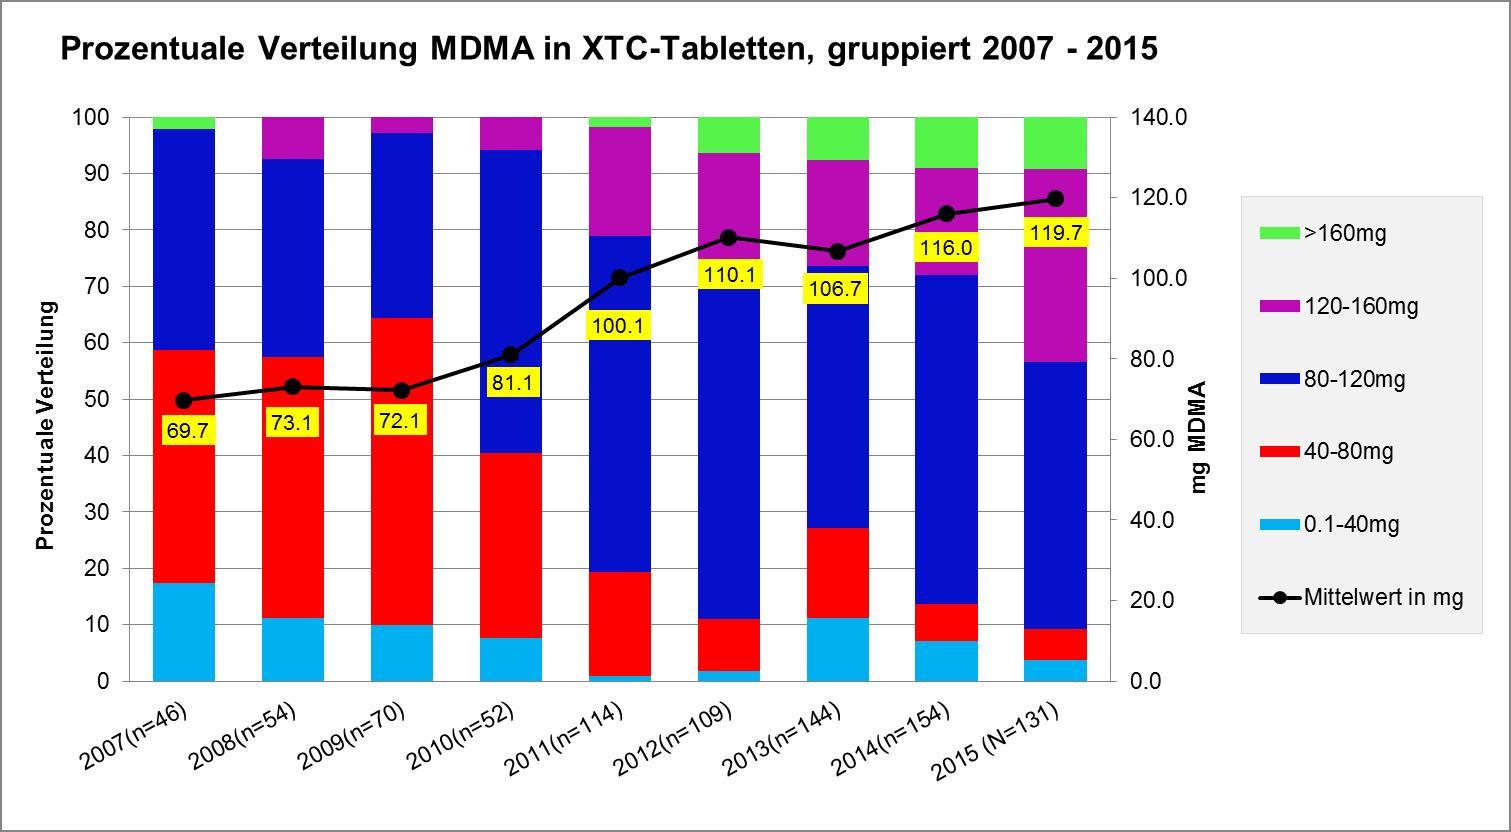 Abbildung 1 zeigt die Entwicklung des MDMA-Gehaltes in Ecstasy-Tabletten von 2007 bis 2015 in der Schweiz. Grafik: DIZ/saferparty, Zürich